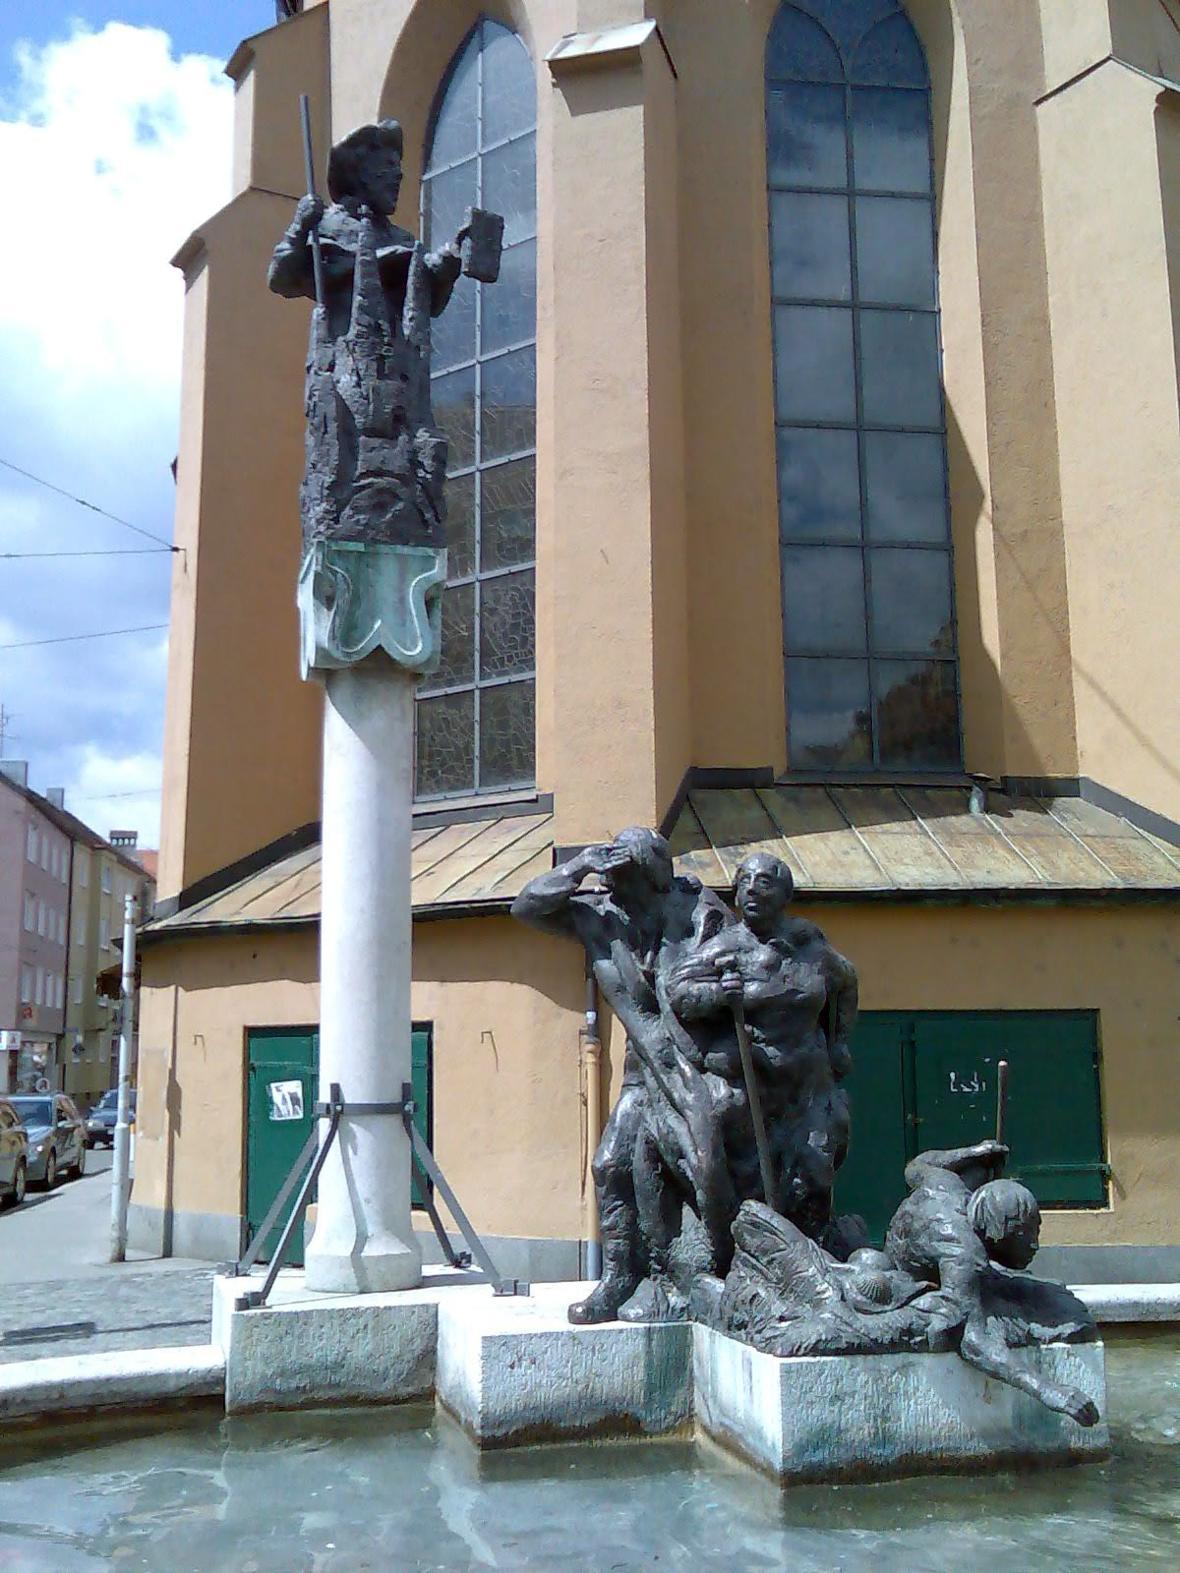 Jakobsbrunnen von 1994 vor der Jakobskirche in Augsburg